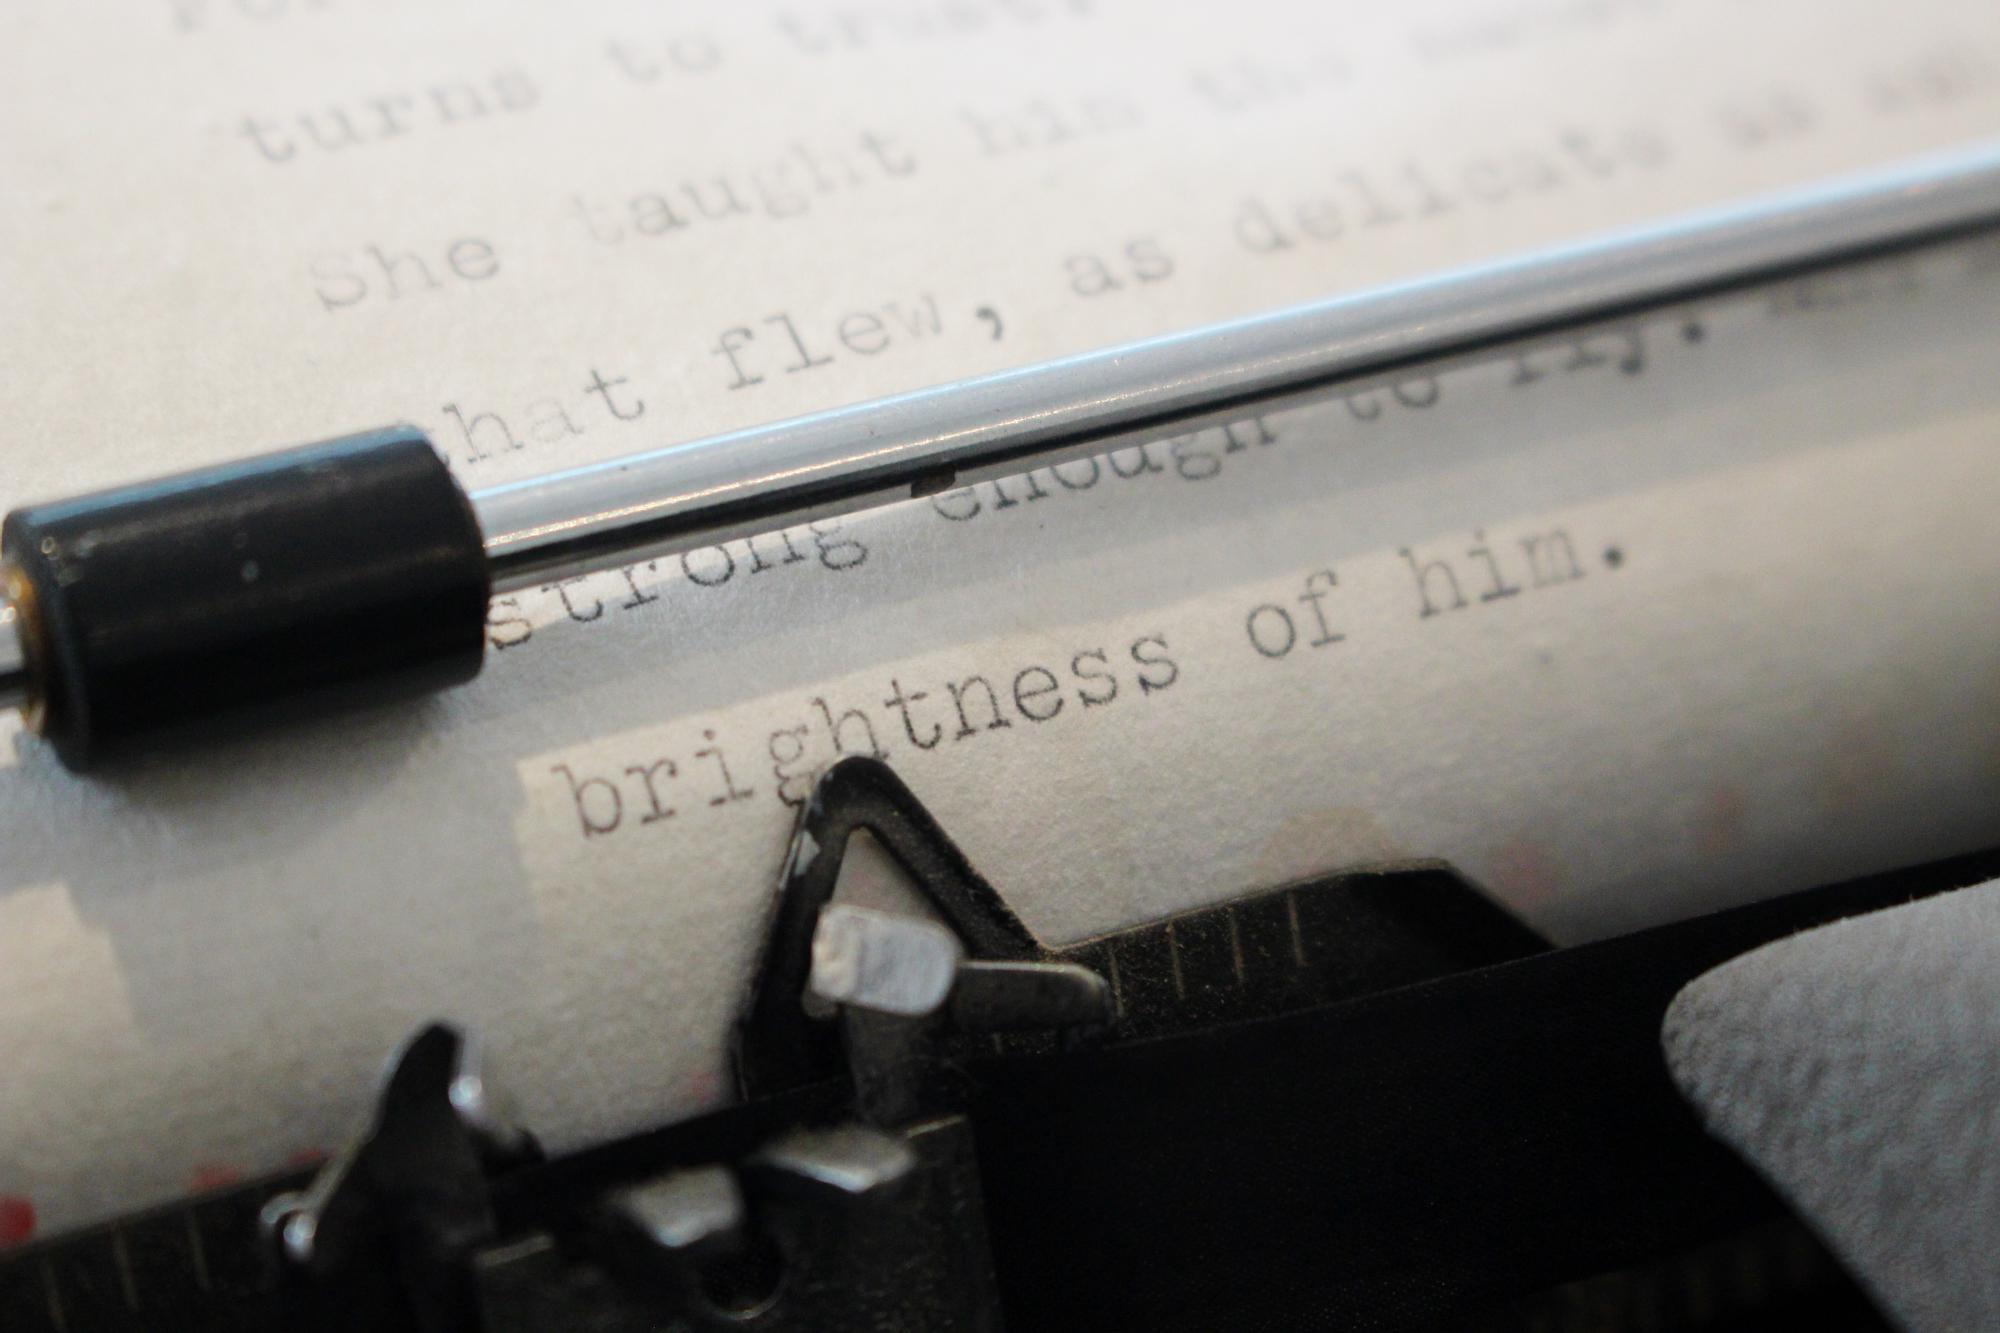 JM typewriter Dulverton Studio Numbersev